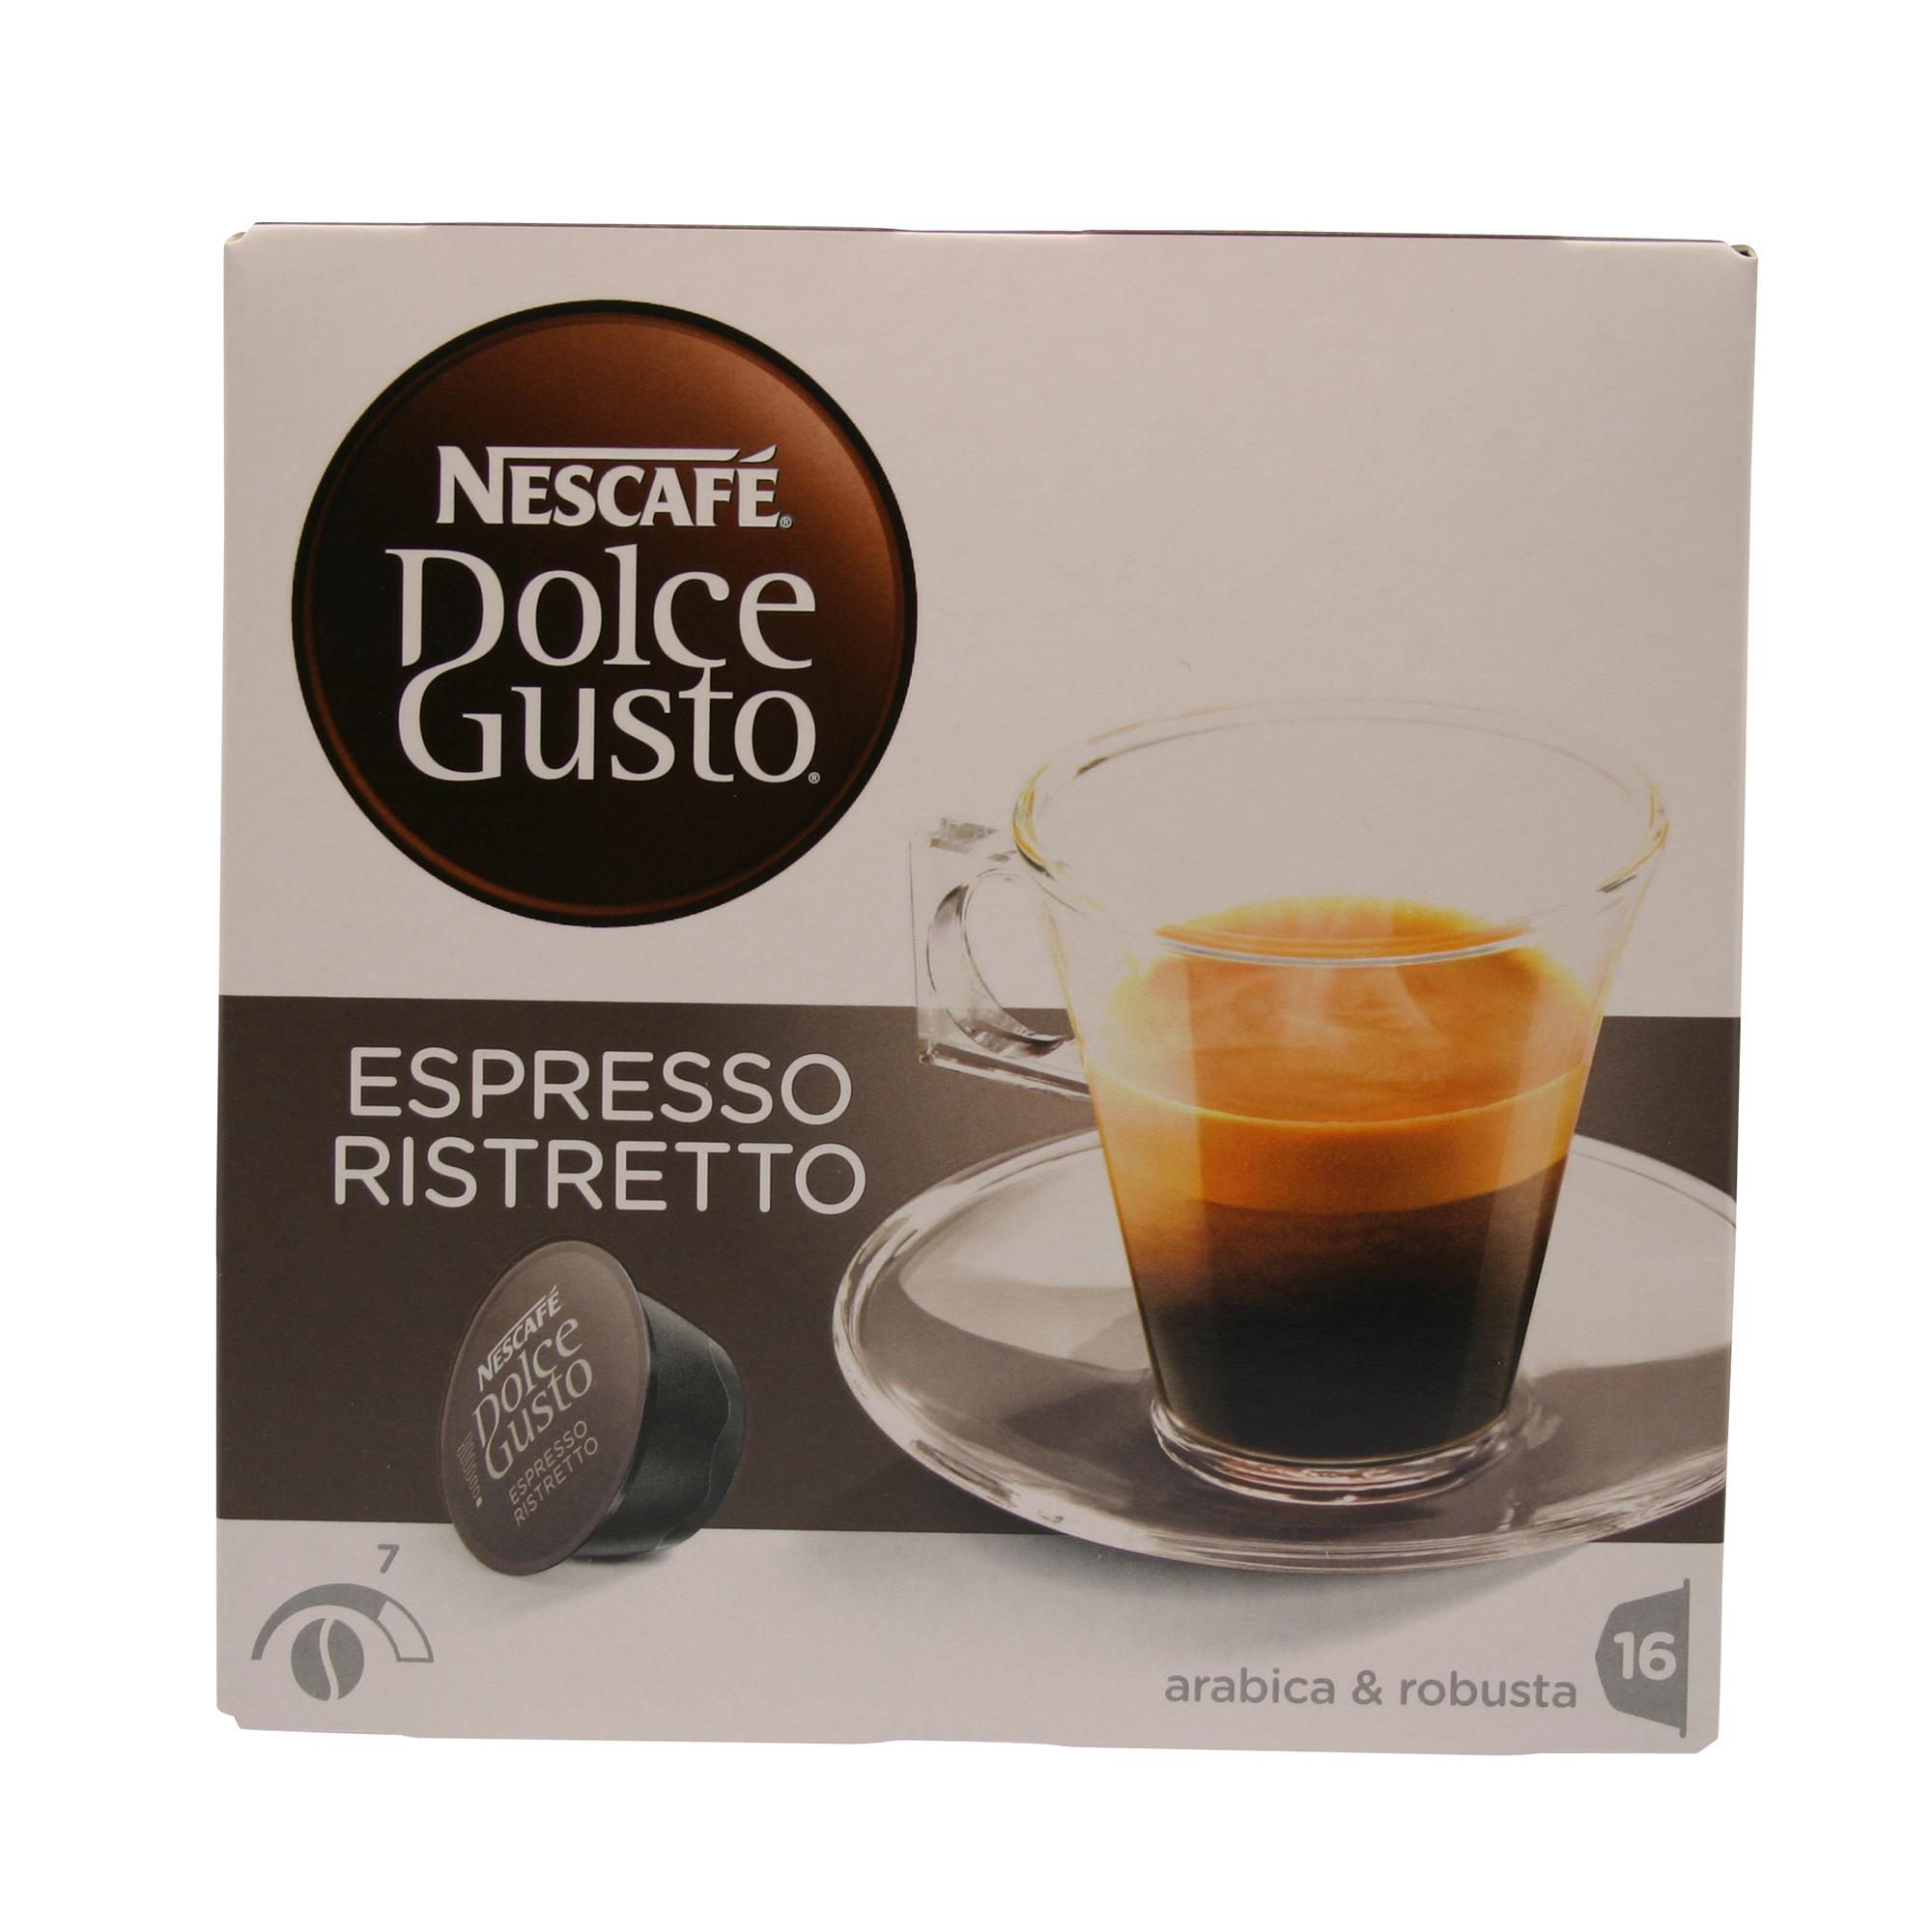 dolce gusto espresso ristretto